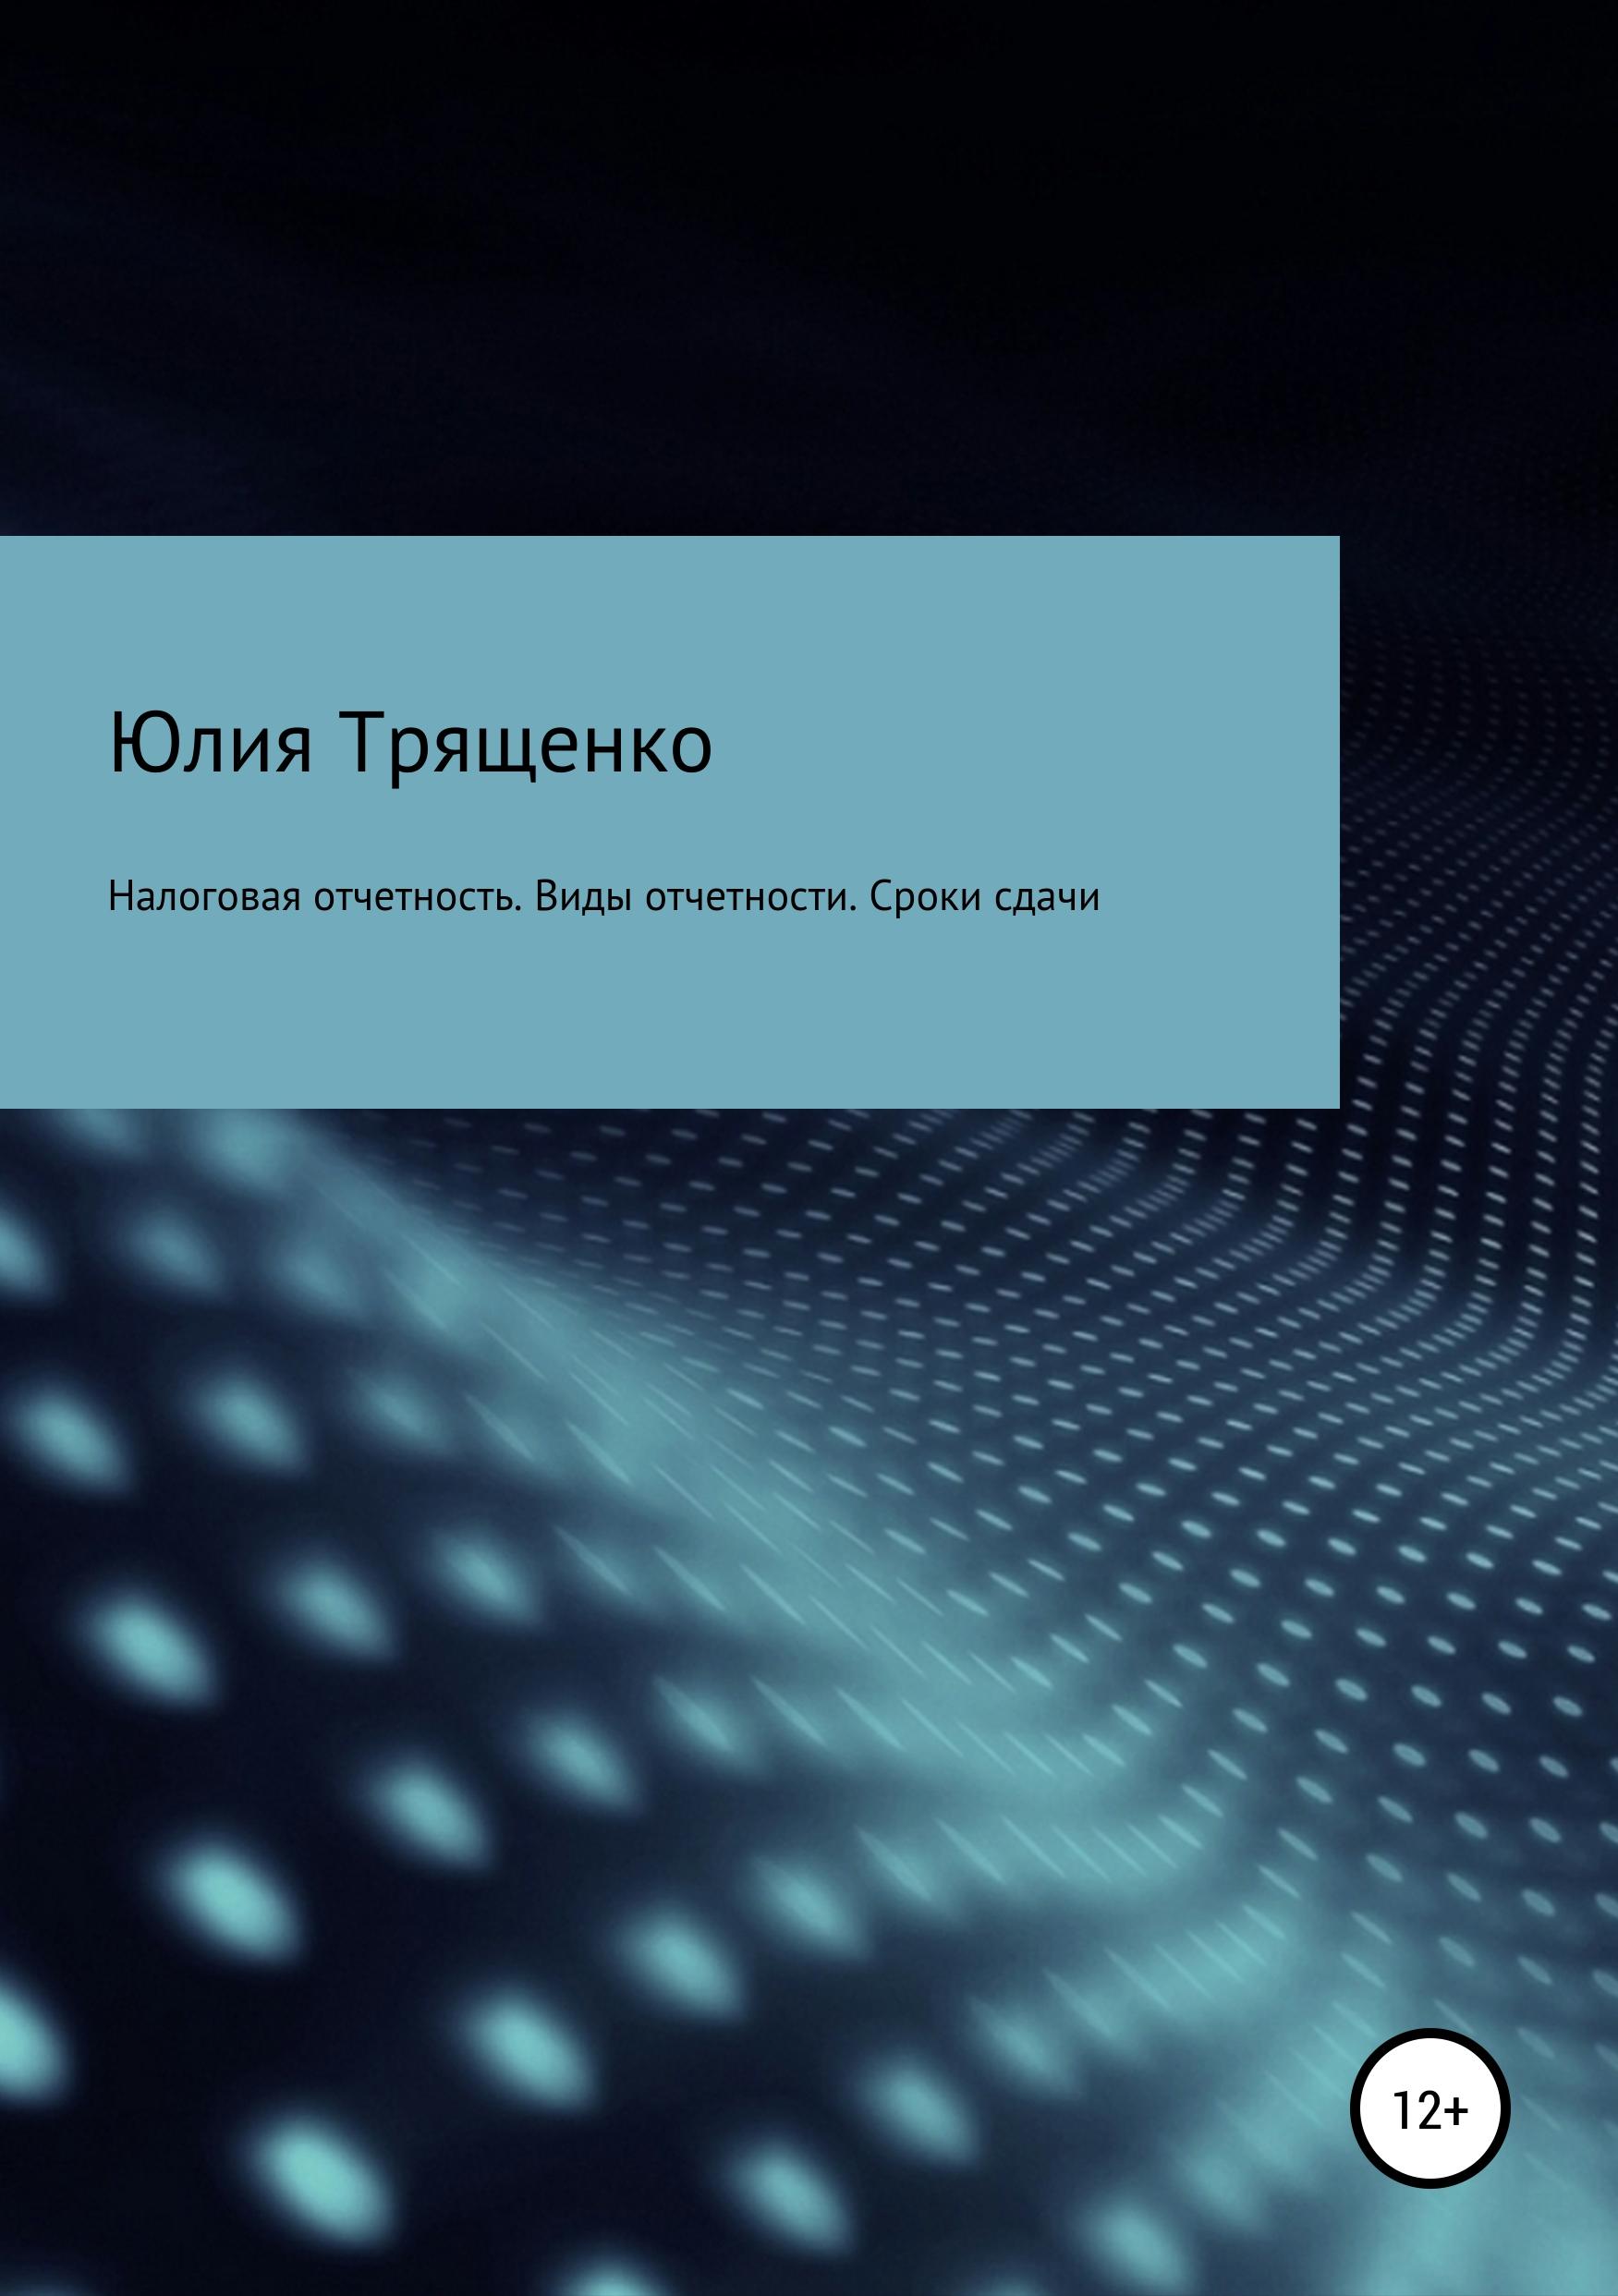 Юлия Трященко - Налоговая отчетность. Виды отчетности. Сроки сдачи